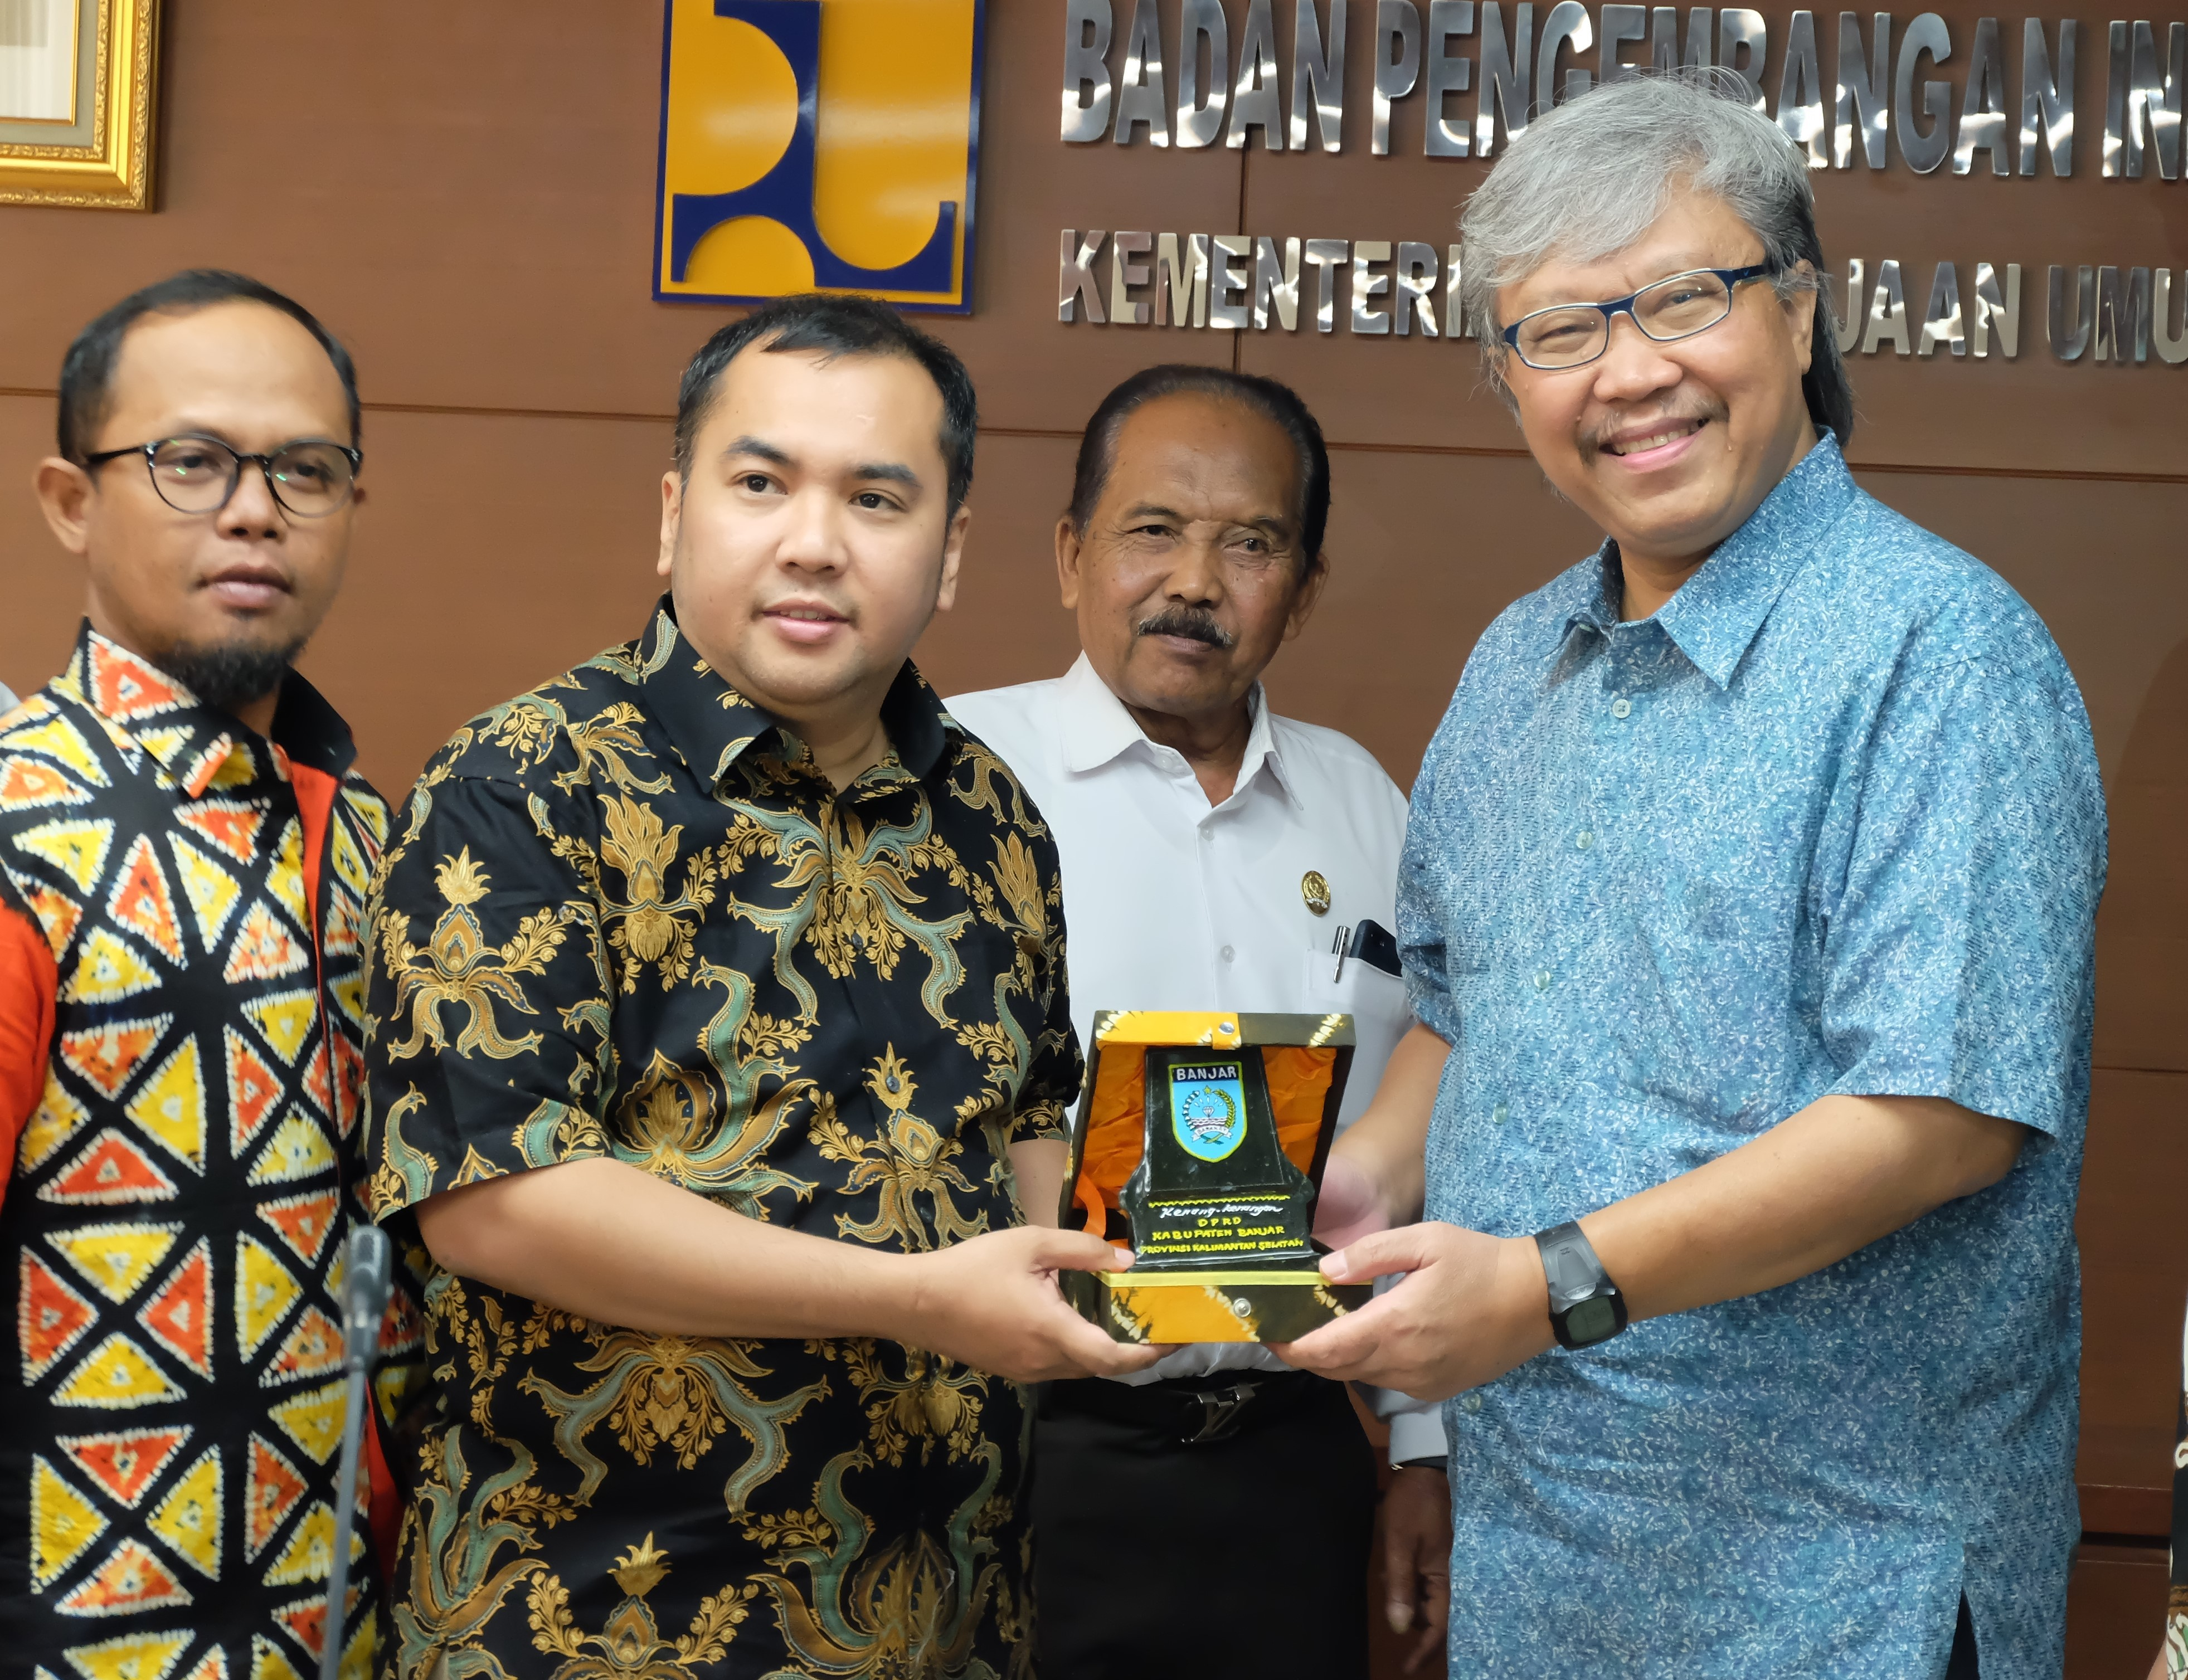 Kunjungi BPIW, Komisi III DPRD Kabupaten Banjar Ungkap Kebutuhan Infrastruktur Didaerahnya